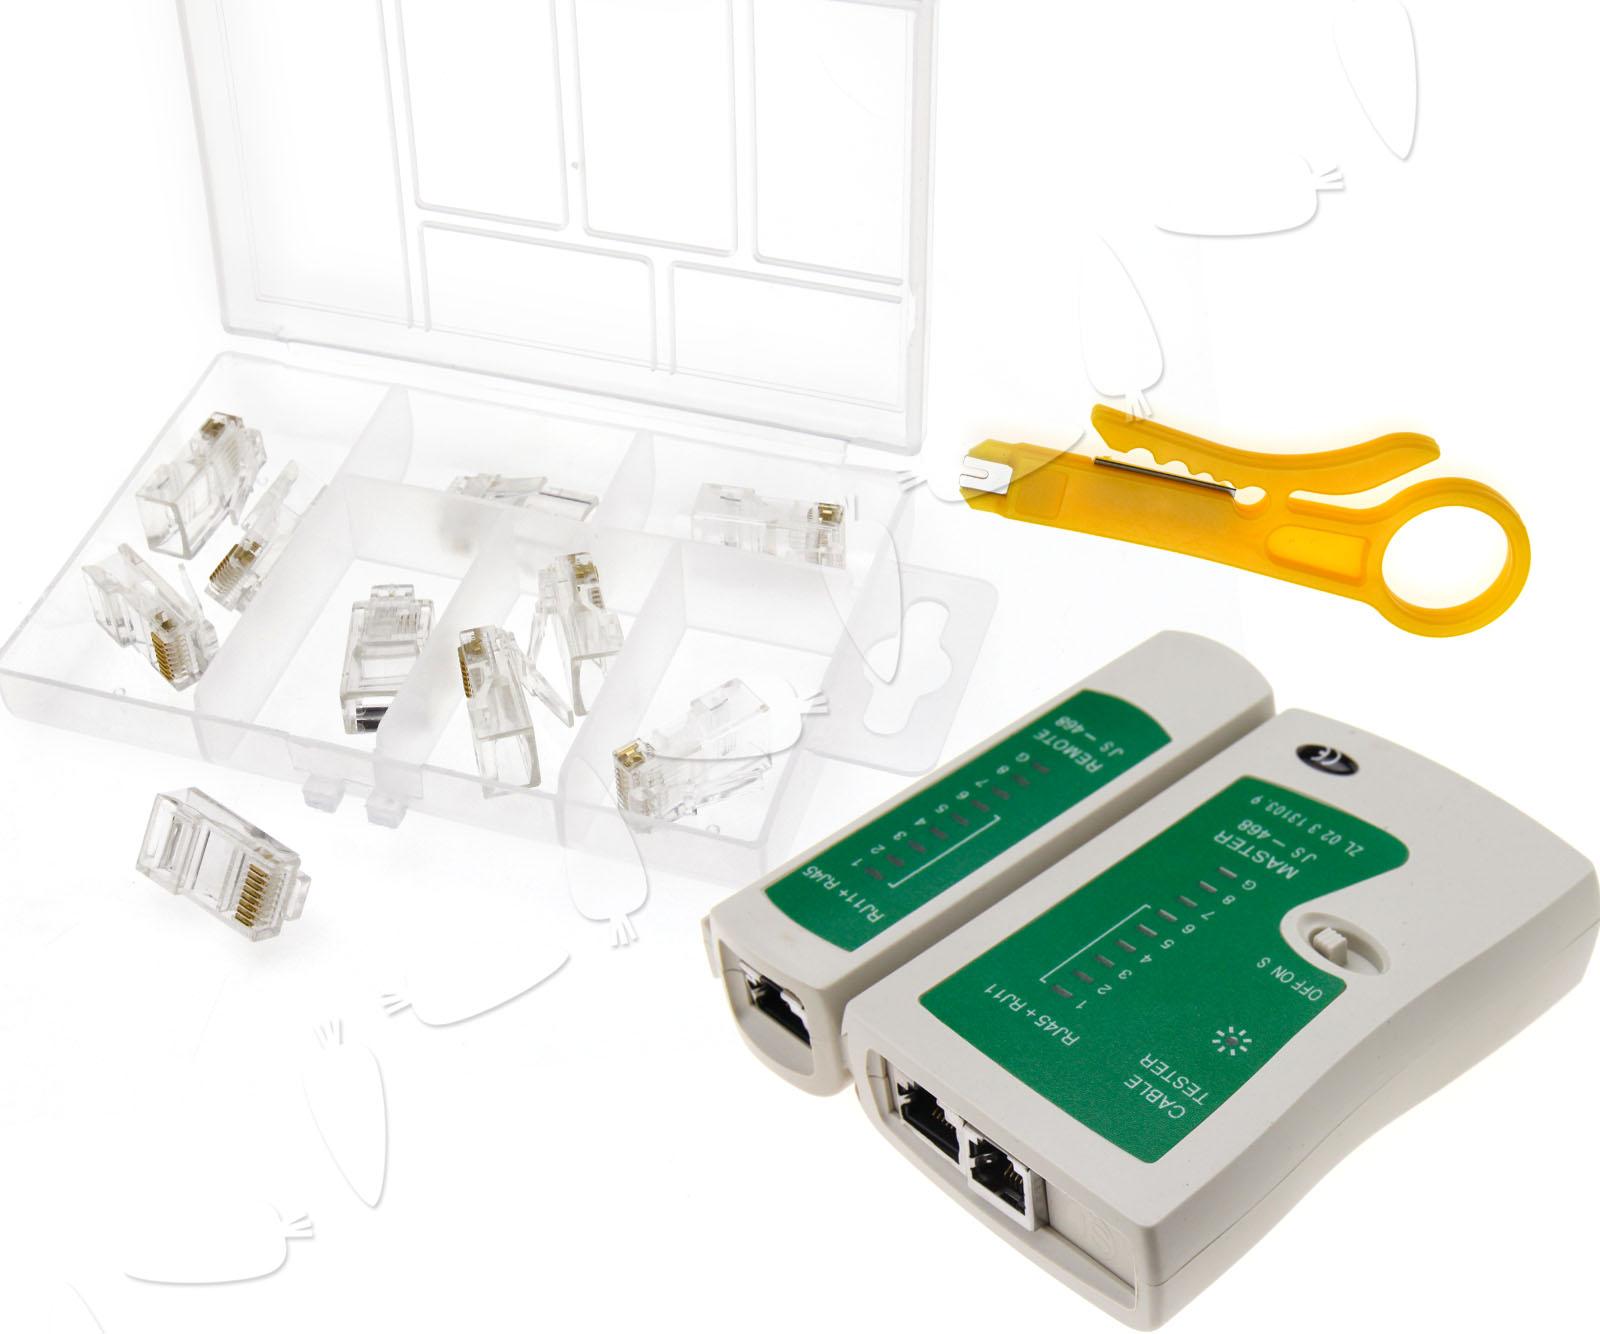 rj45 rj11 cable hand tool crimper network tool kit screwdriver ebay. Black Bedroom Furniture Sets. Home Design Ideas